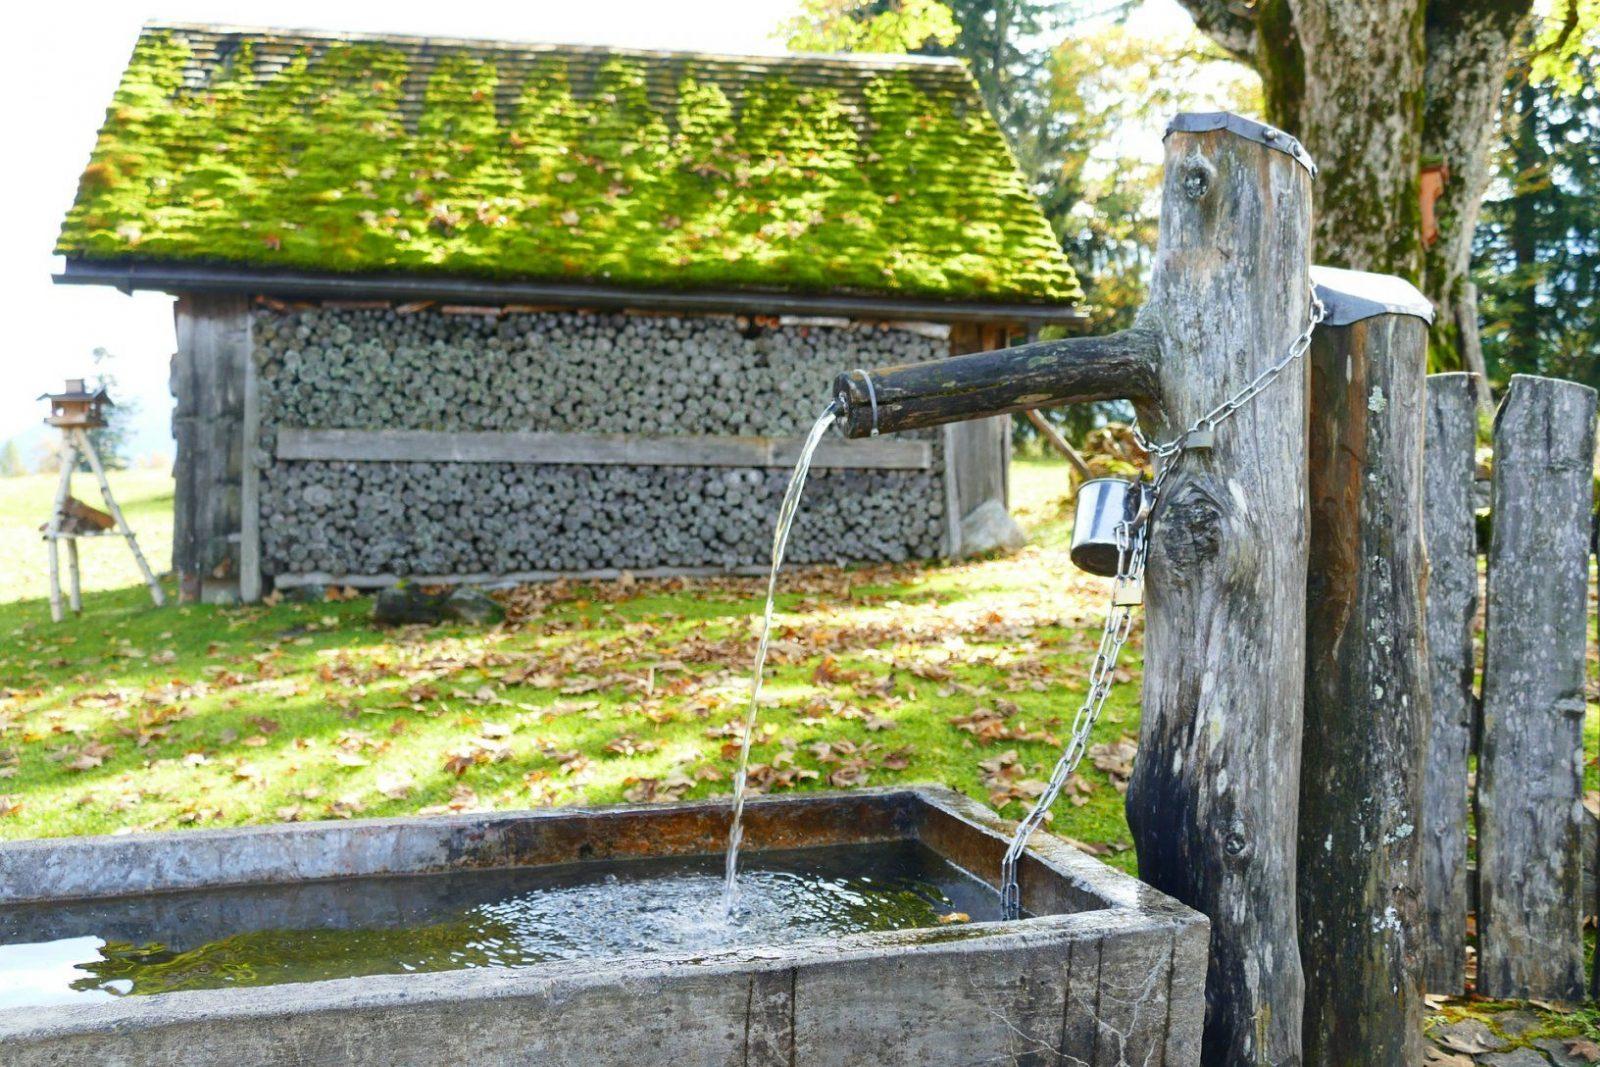 Mit Einem Brunnen Den Garten Aufwerten Von Brunnen Garten Selber Bauen Photo